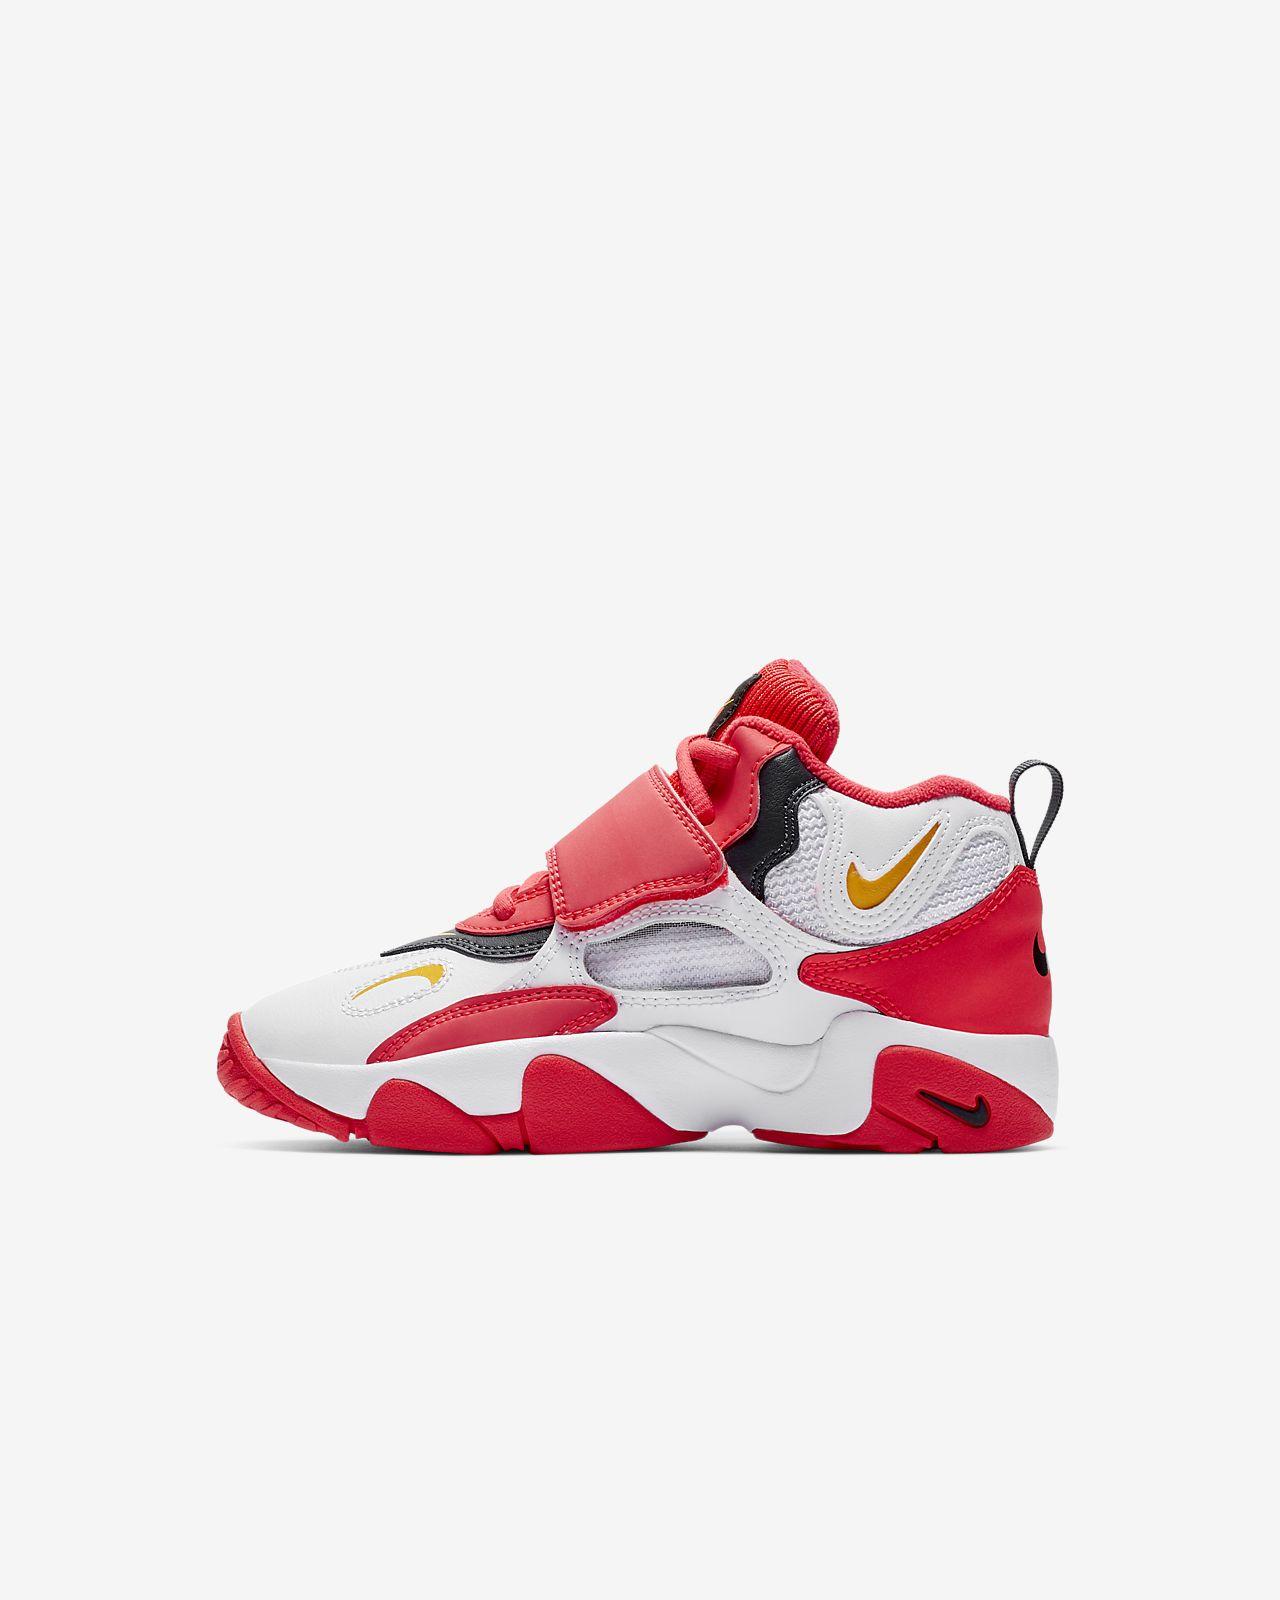 new style 4e594 1c417 ... Nike Speed Turf Little Kids Shoe